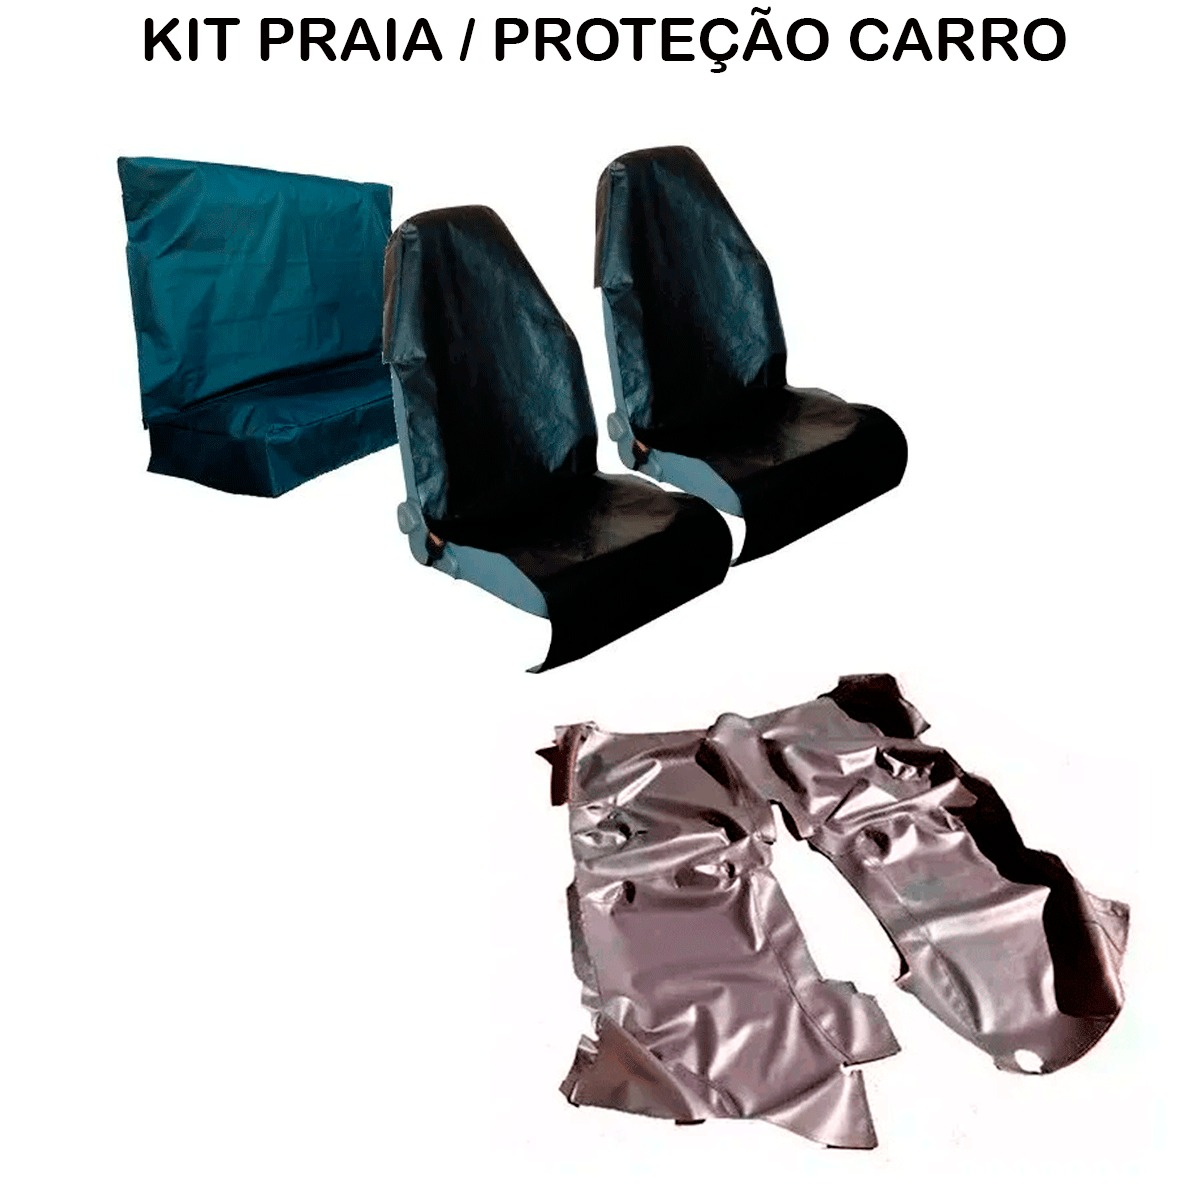 Tapete Em Vinil Fiat Idea 2011 a 2019 + Capa Banco Protecao Banco Areia Suor Academia